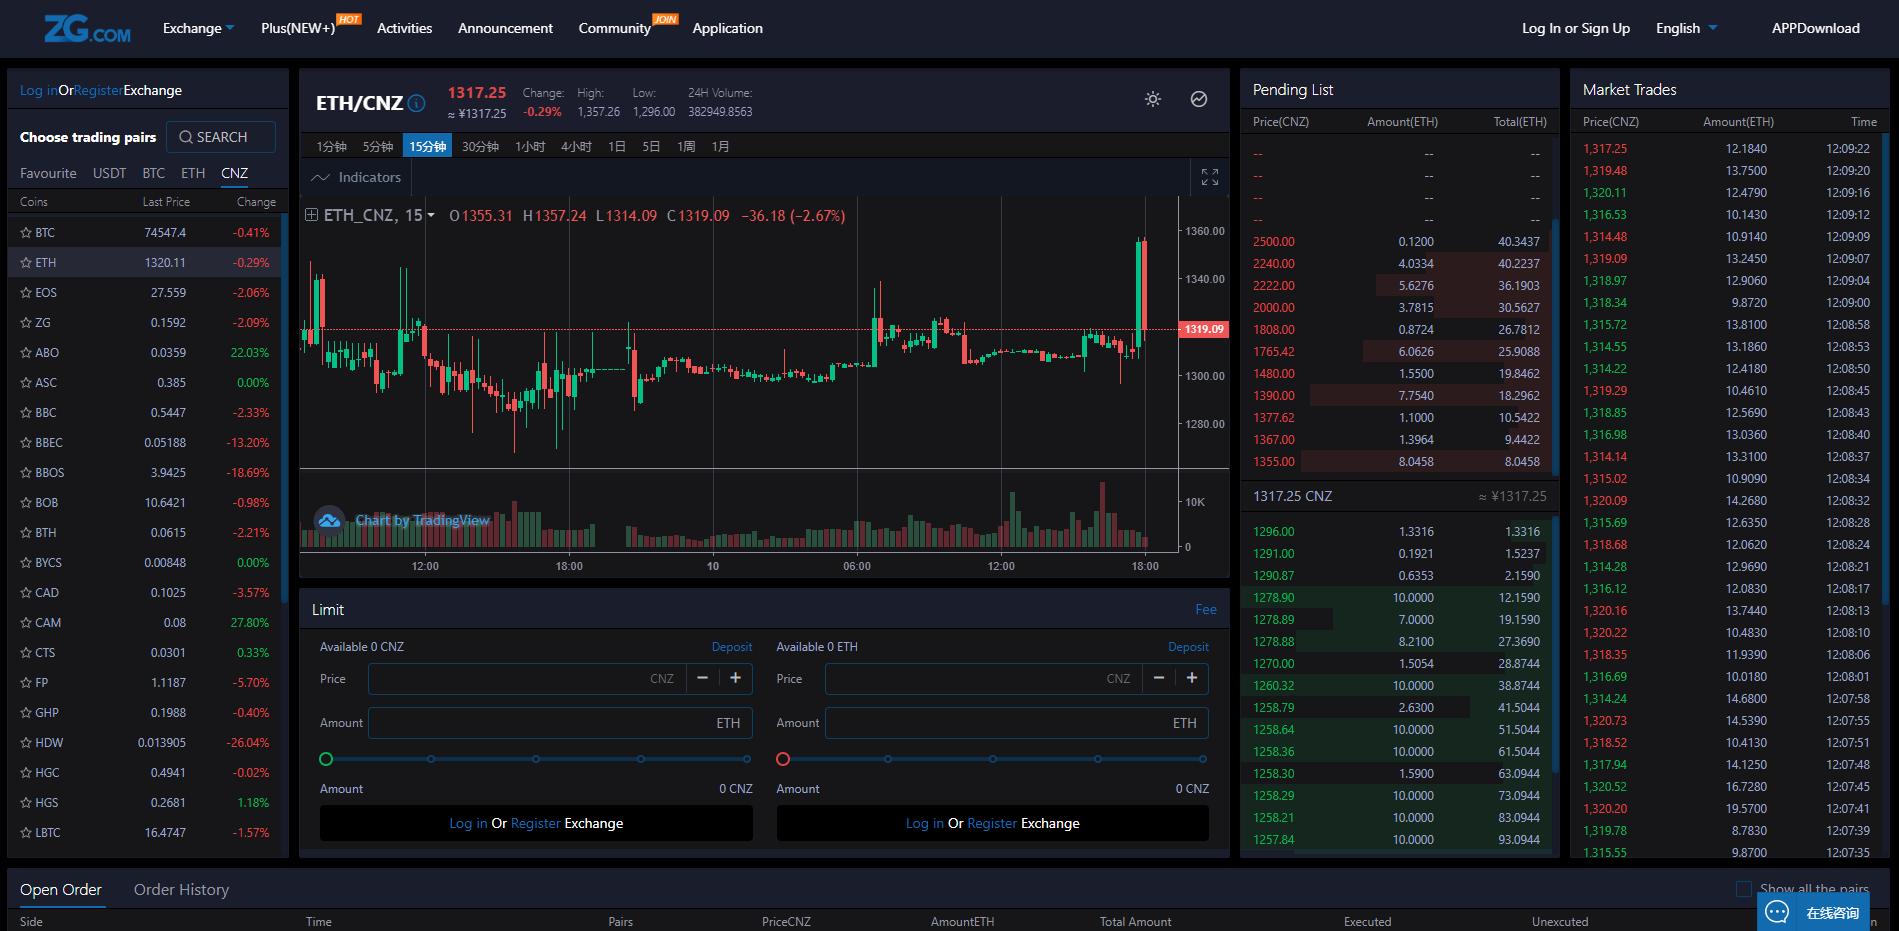 ZG.com Trading View